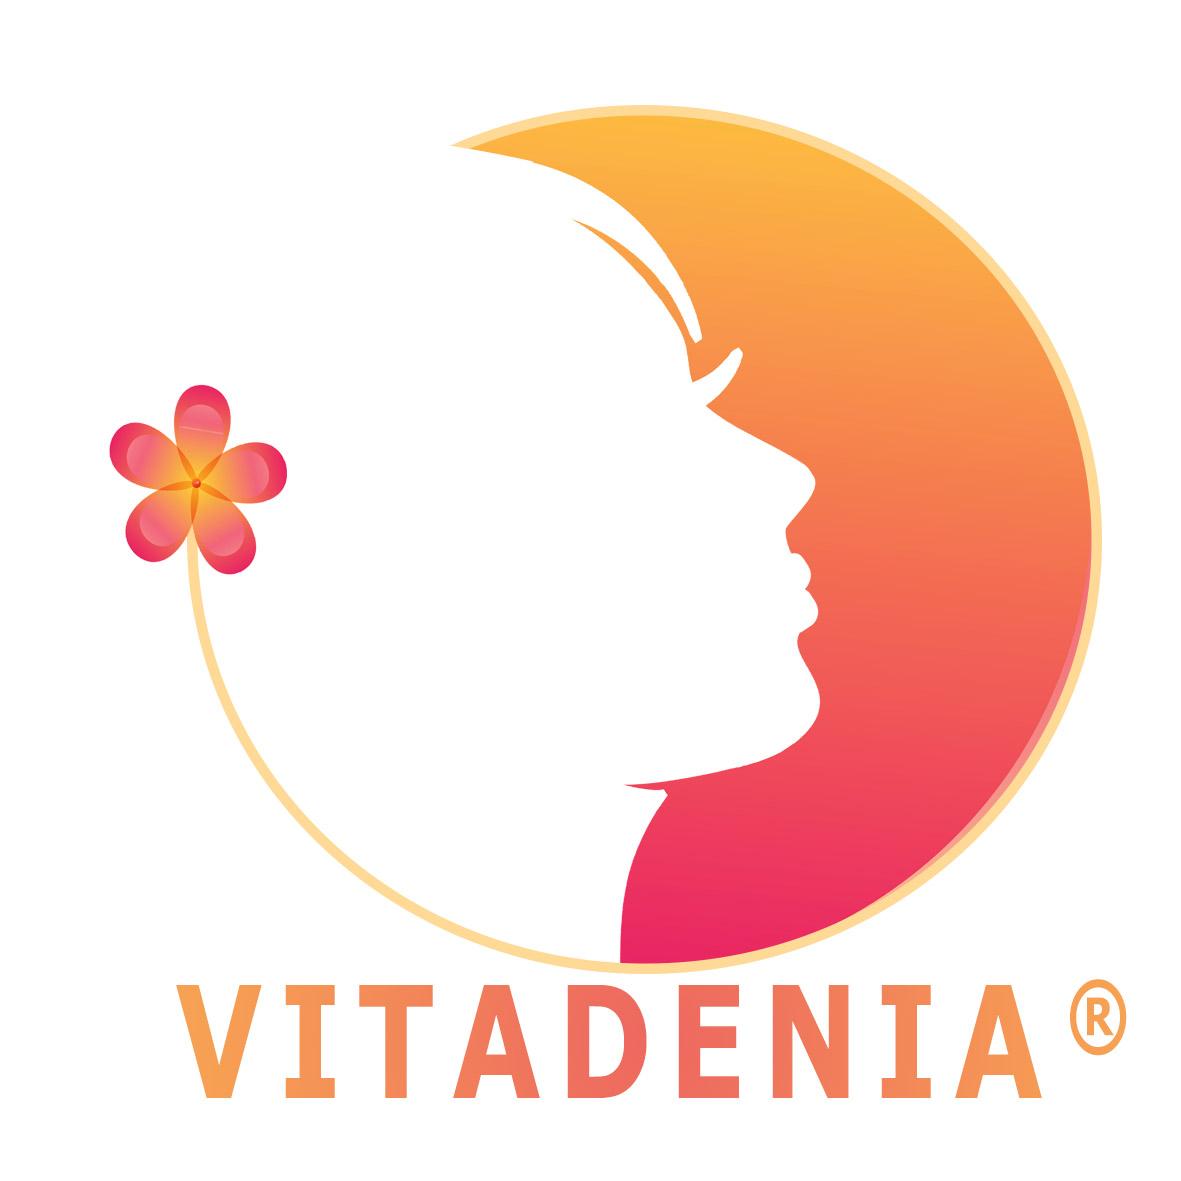 logo_vitadenia.jpg